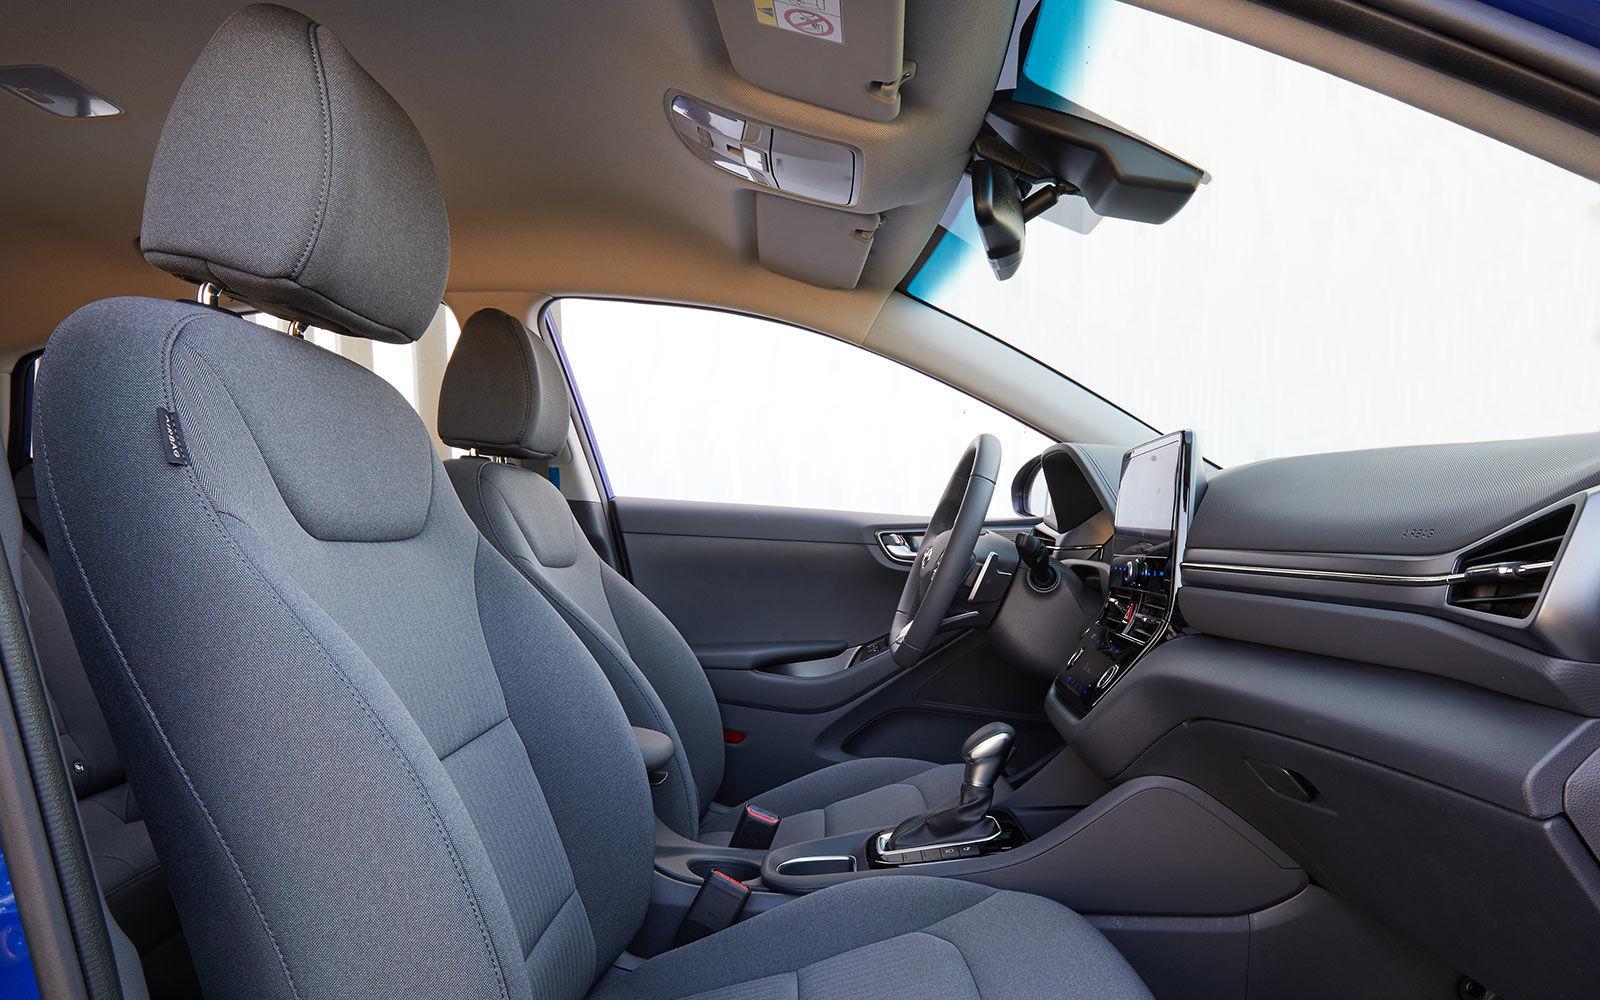 Hyundai Ioniq Hibrido Oferta Agosto 2020 12